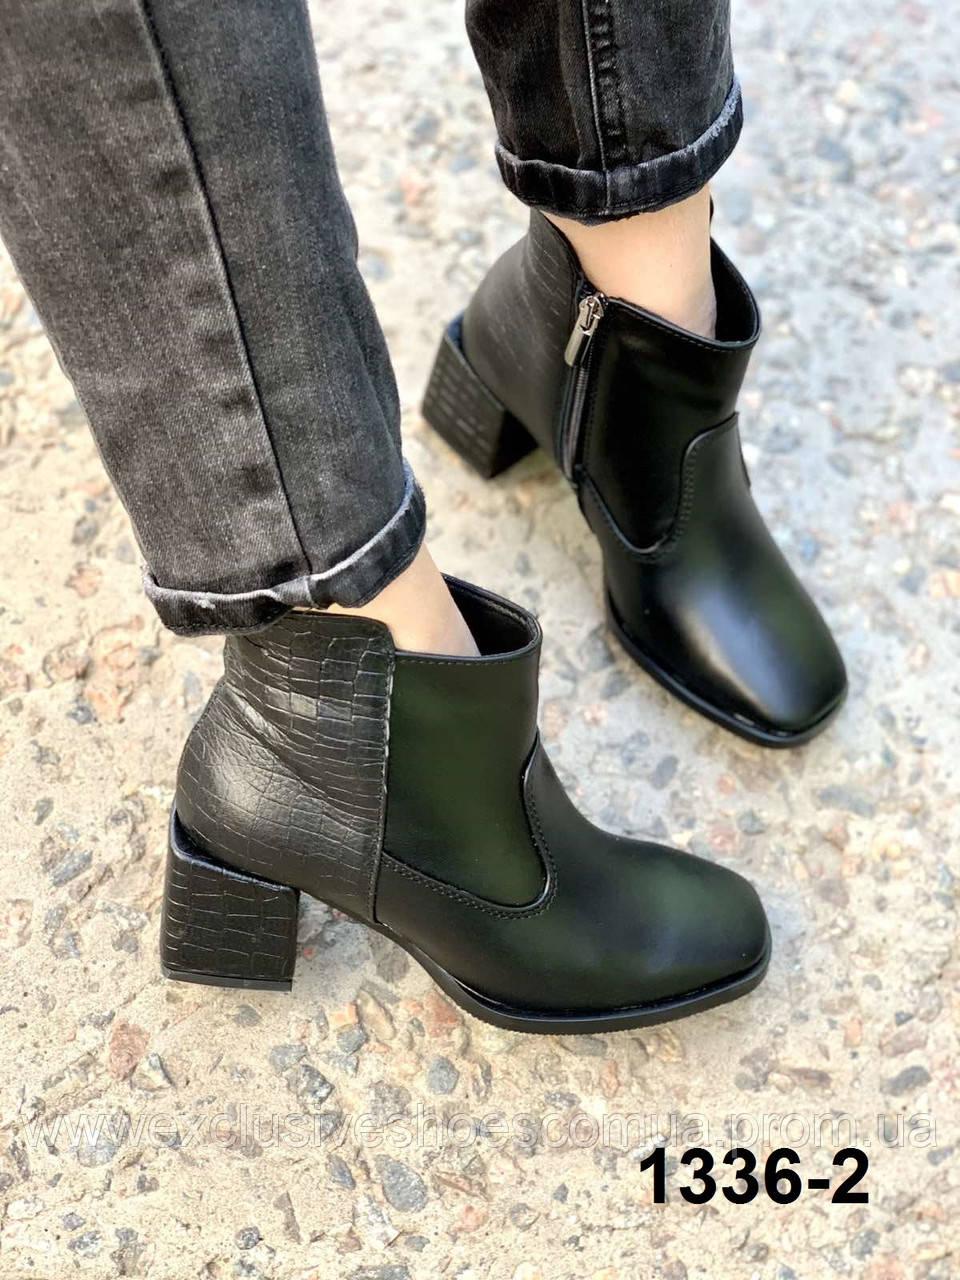 Жіночі шкіряні осінні черевики на підборах з тупим носком